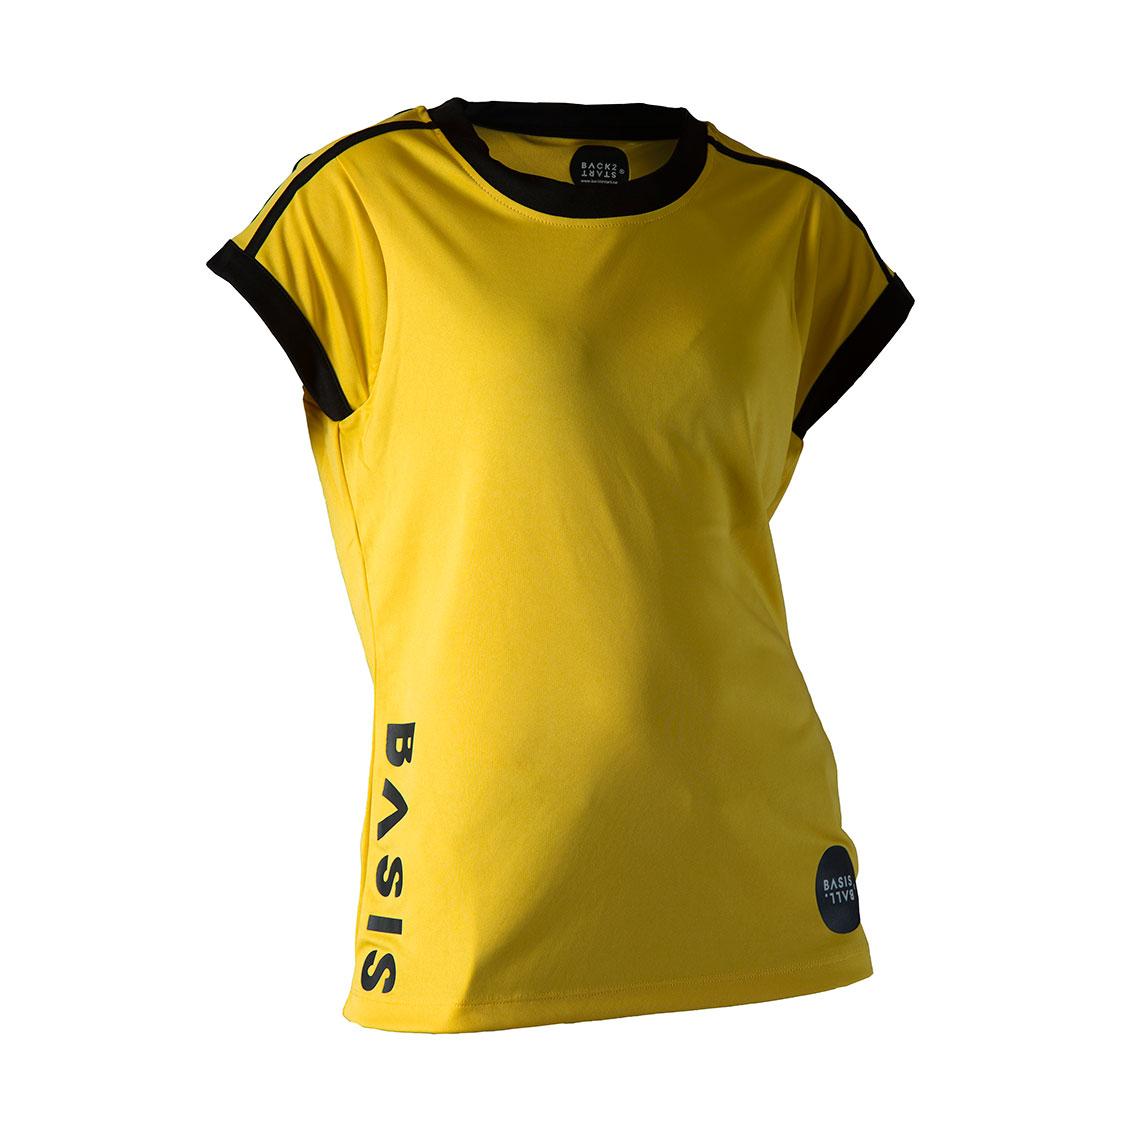 tee - yellow